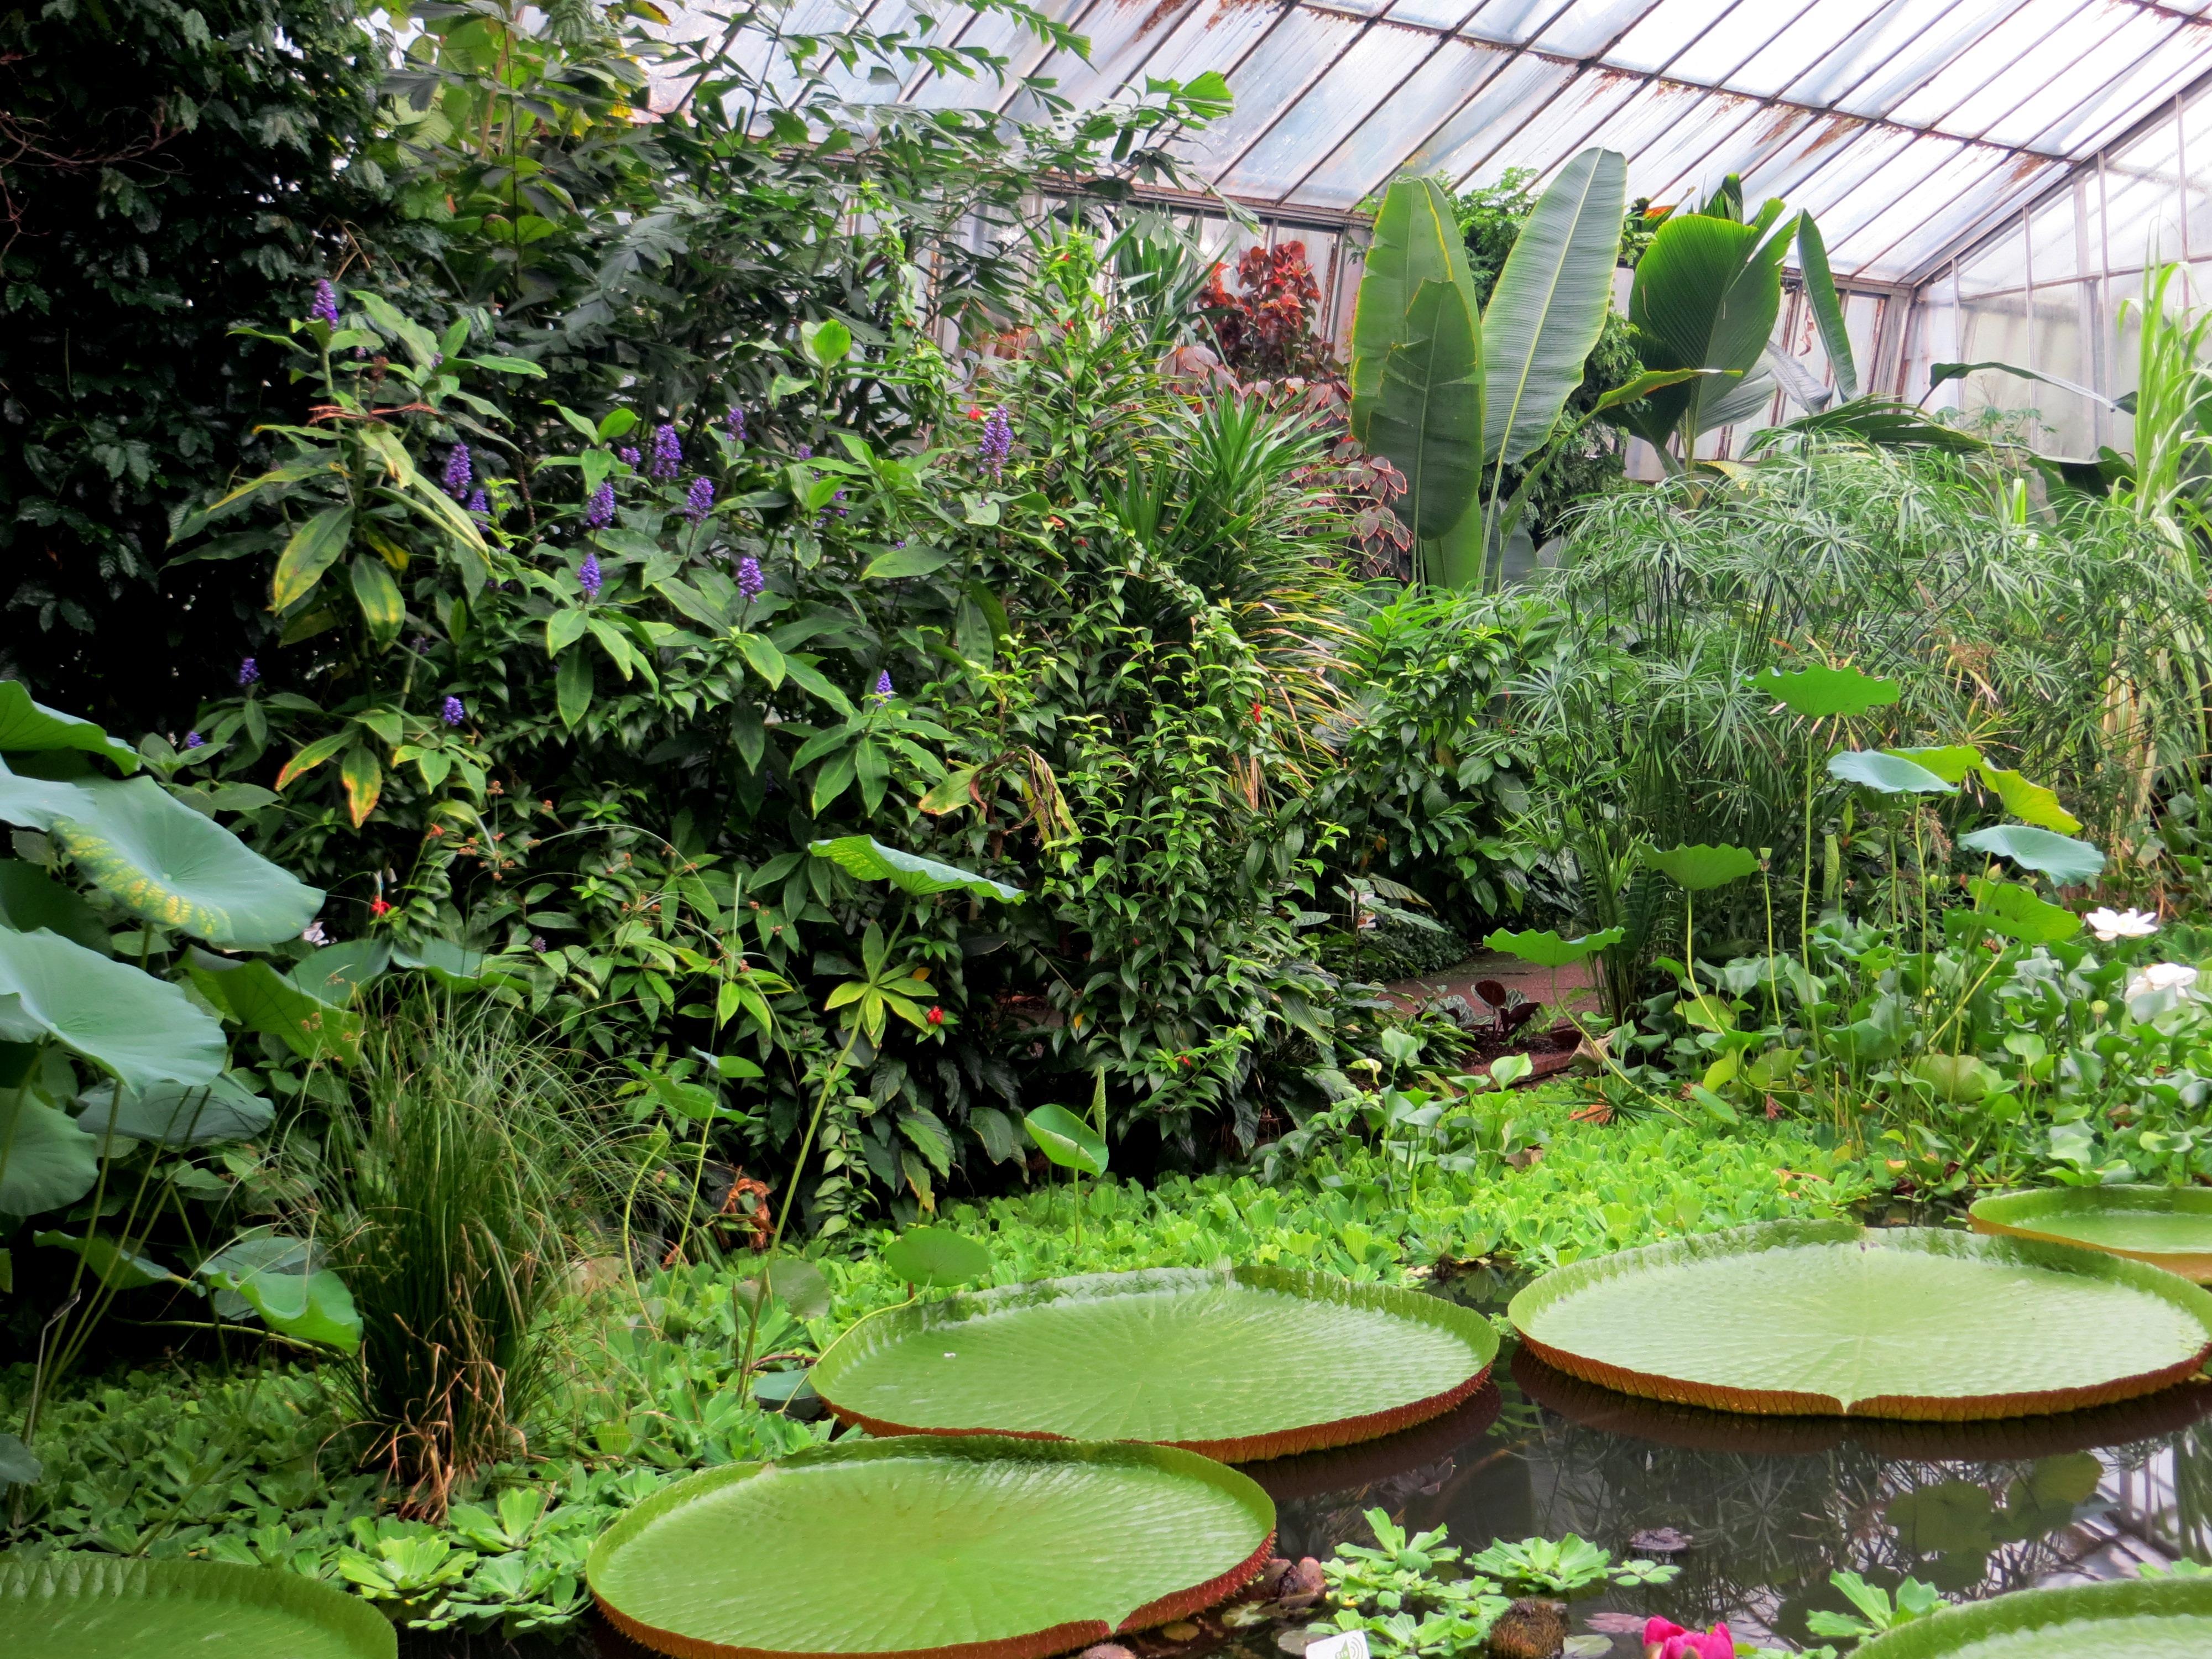 Botanic Garden 24 by LeikyaStock